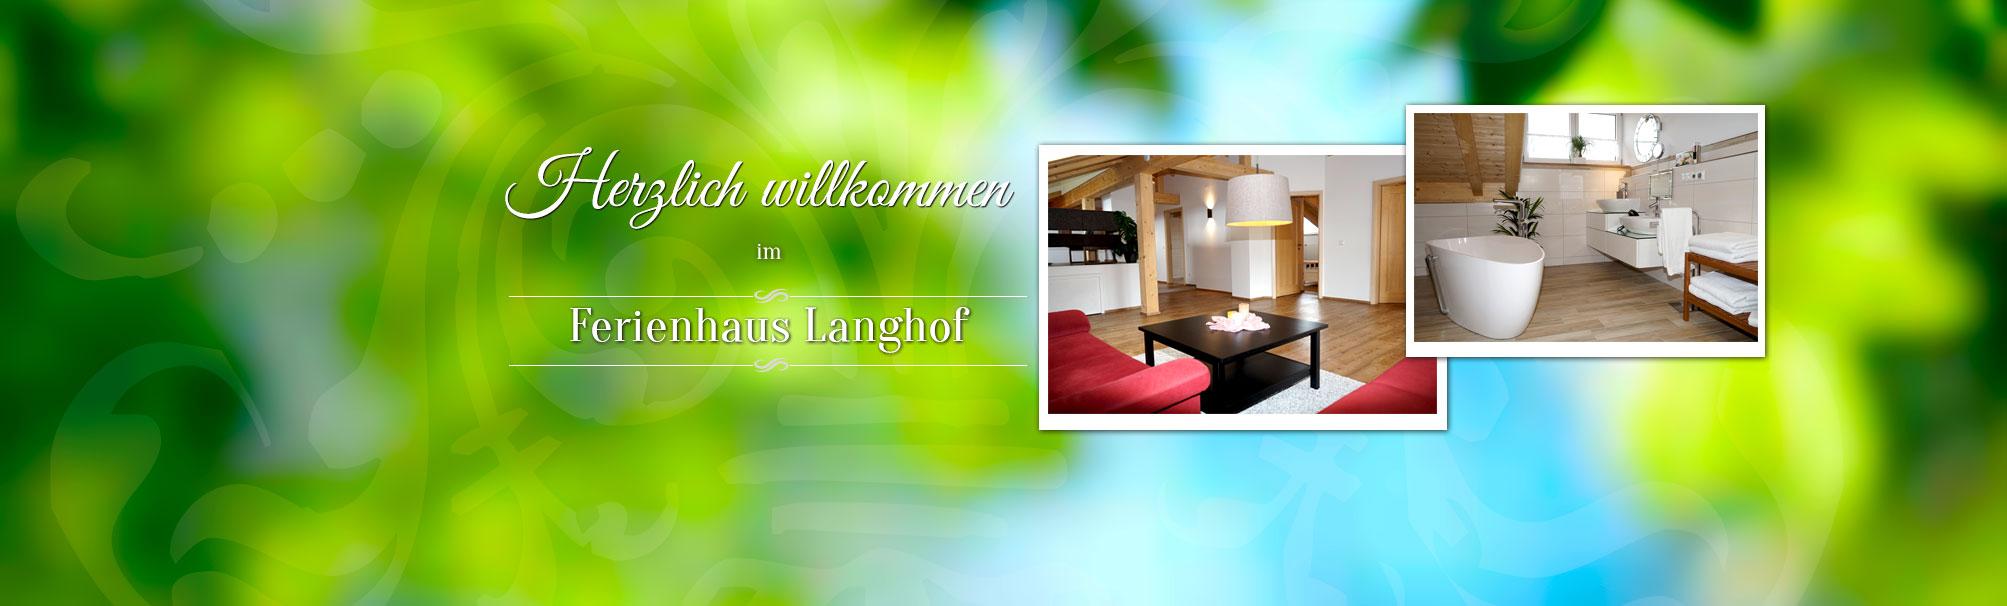 Ferienwohnung / Ferienhaus in Seeg im Allgäu (Bayern)